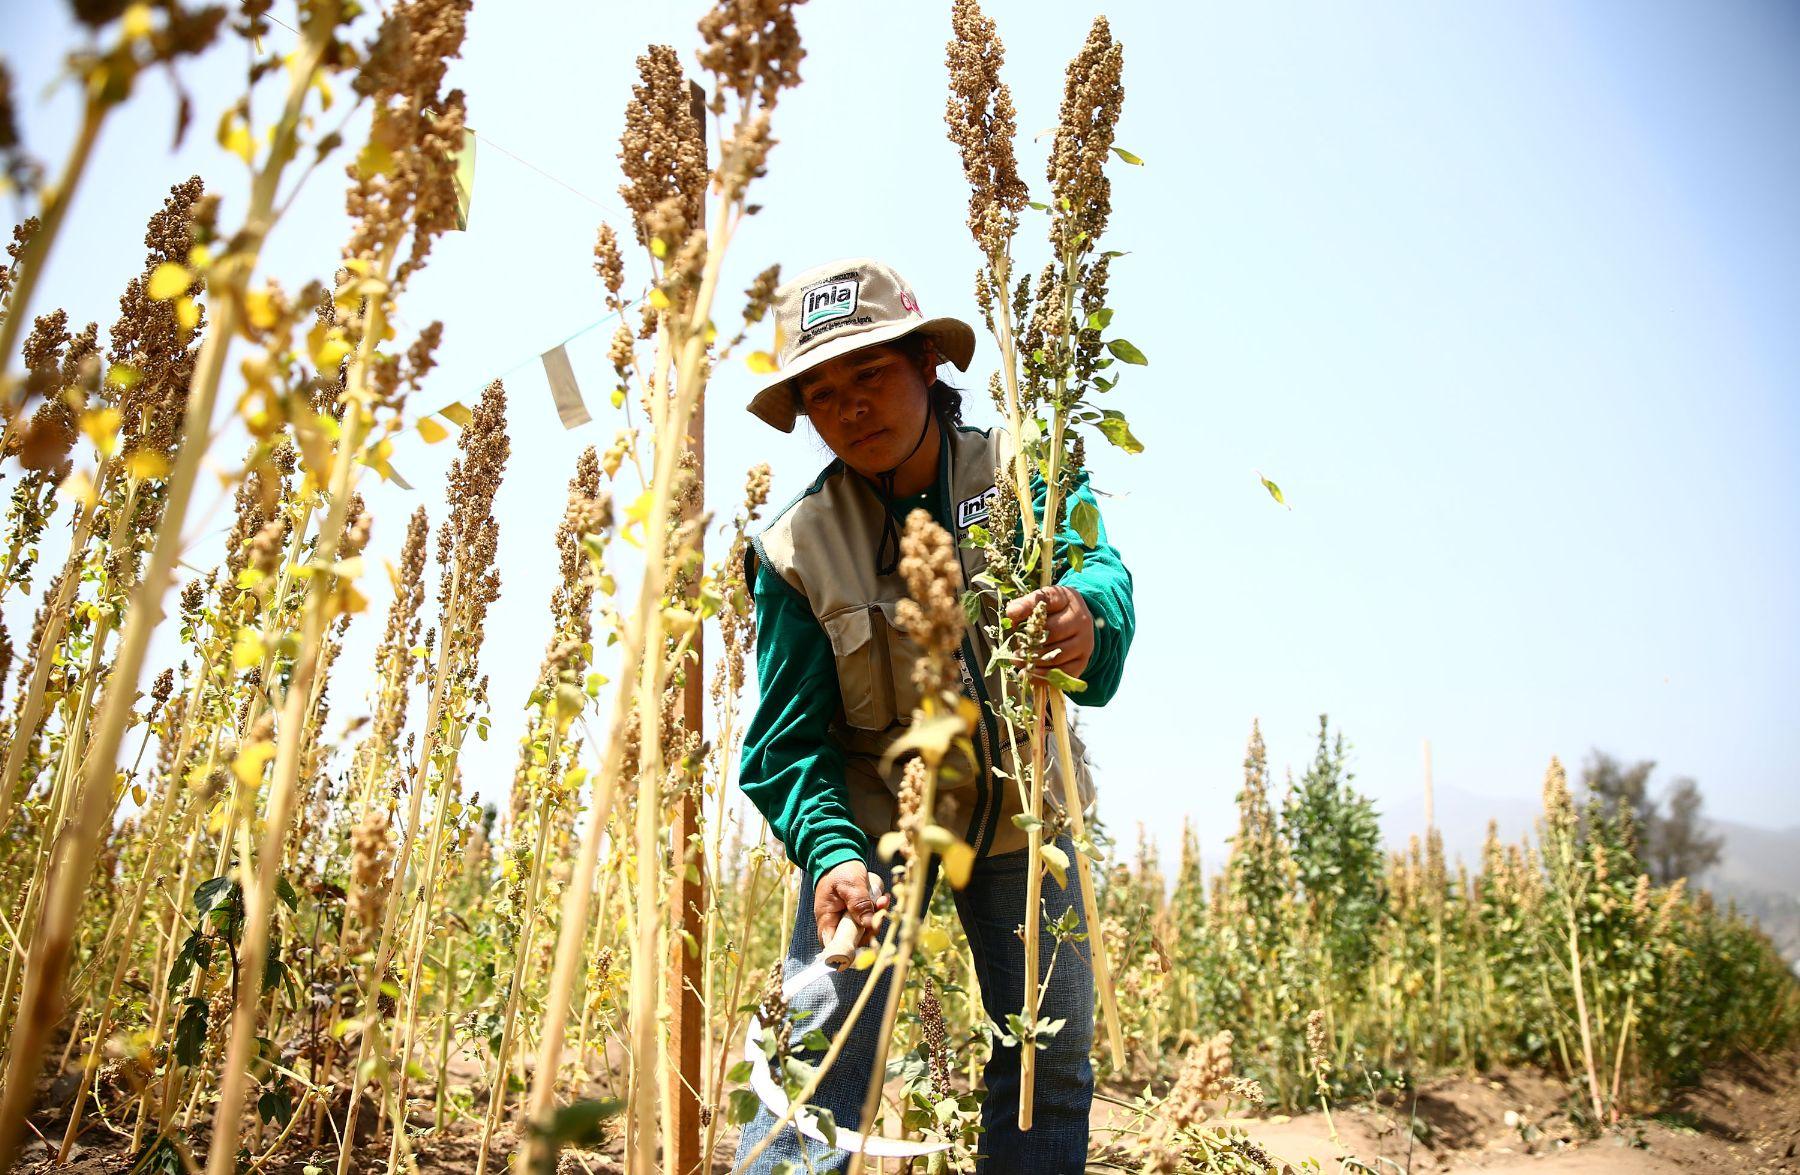 359979-minagri-sector-agropecuario-crecio-4-9-en-primer-trimestre-del-2019